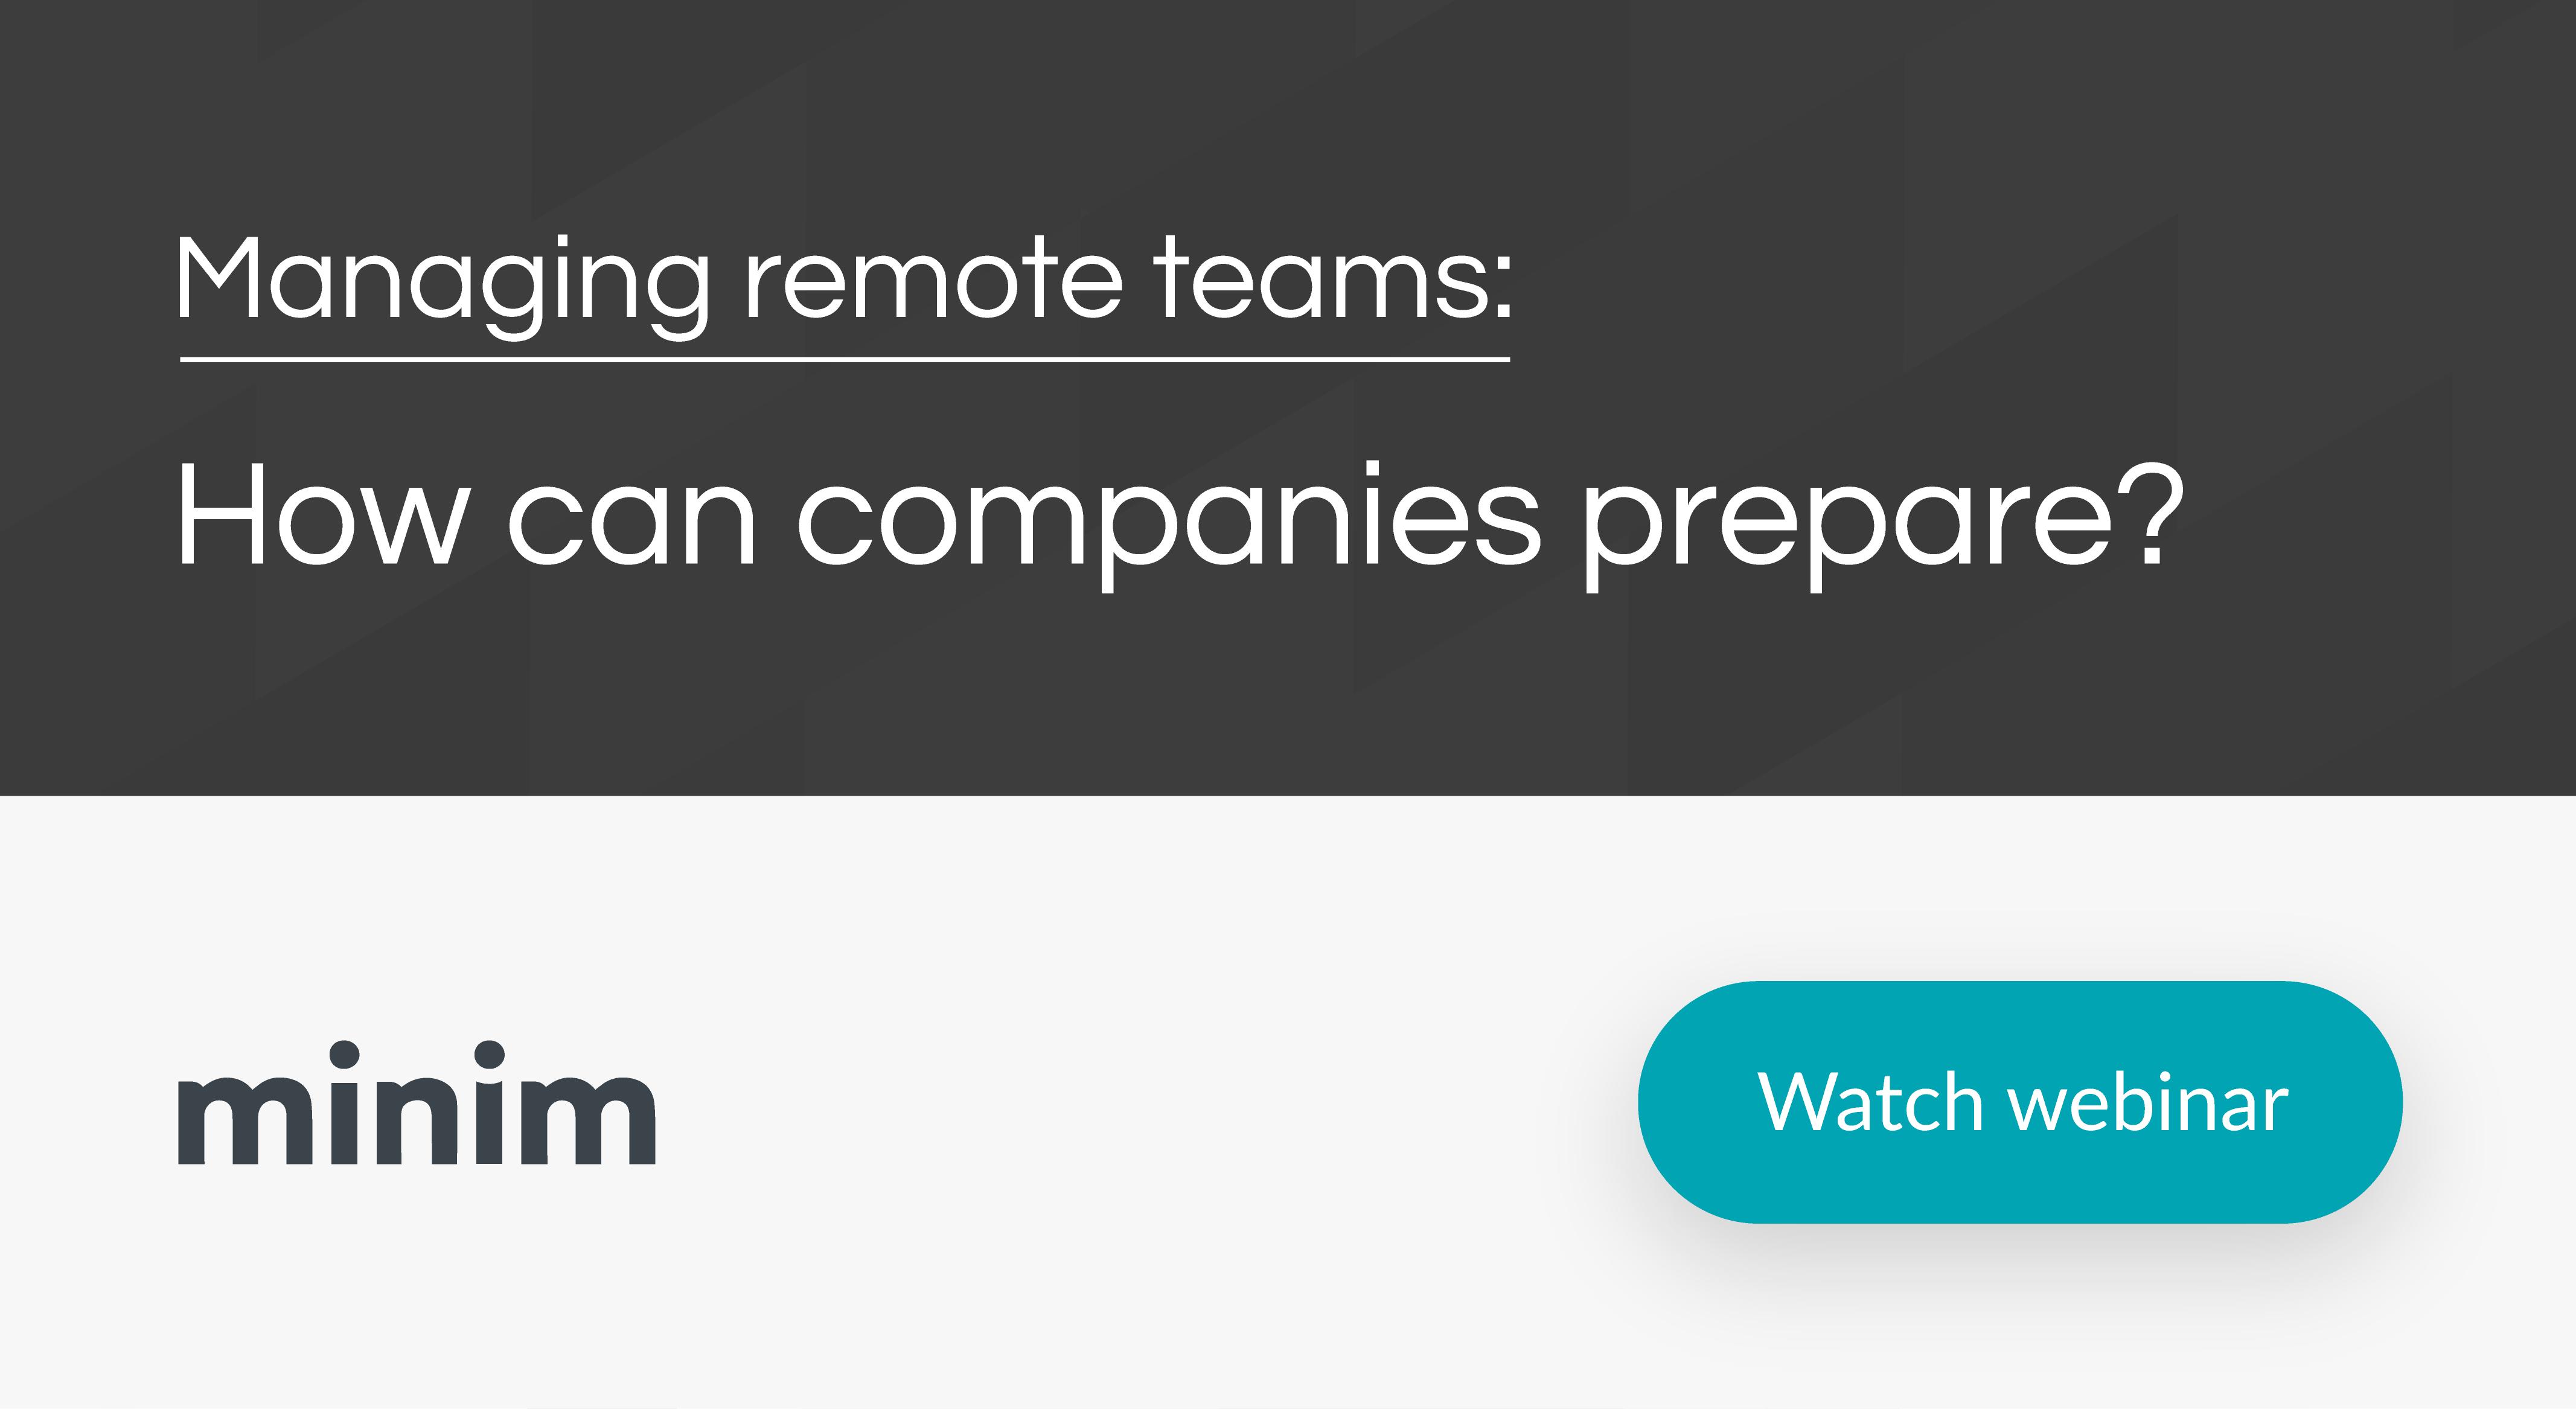 Managing remote teams: How can companies prepare? [Watch webinar]